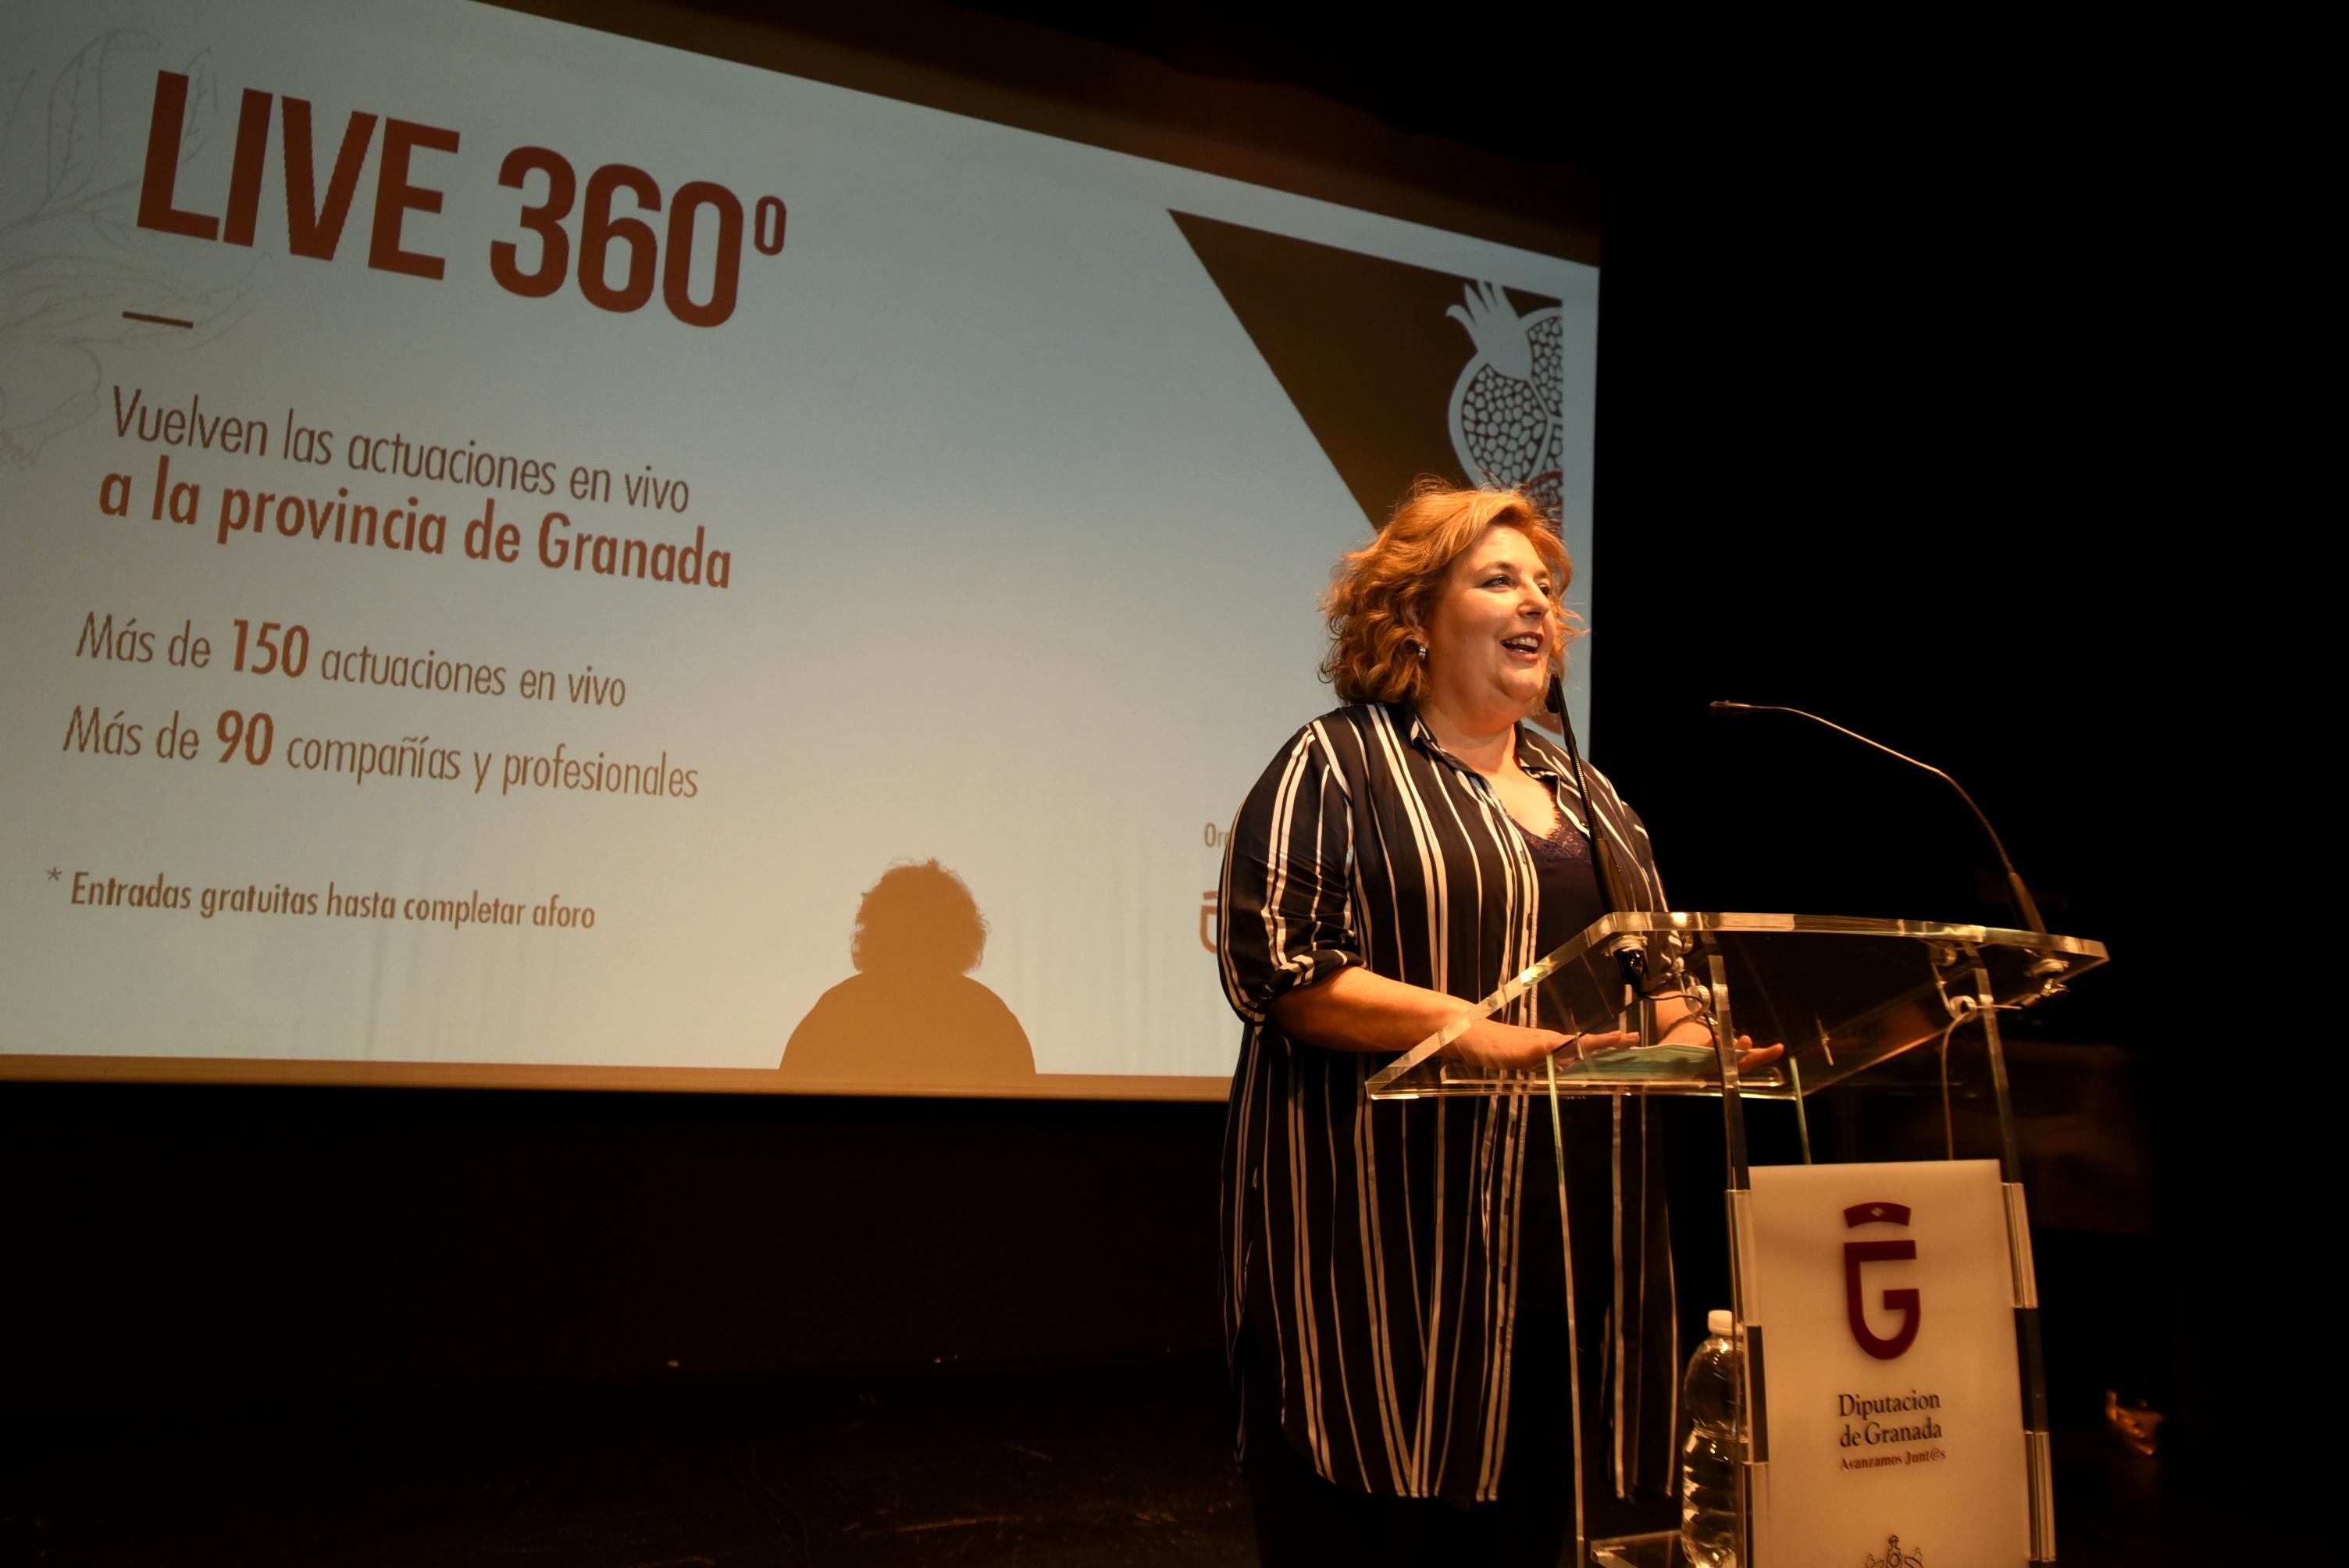 Diputación programa una gira especial con 150 actuaciones en vivo por los municipios de la provincia